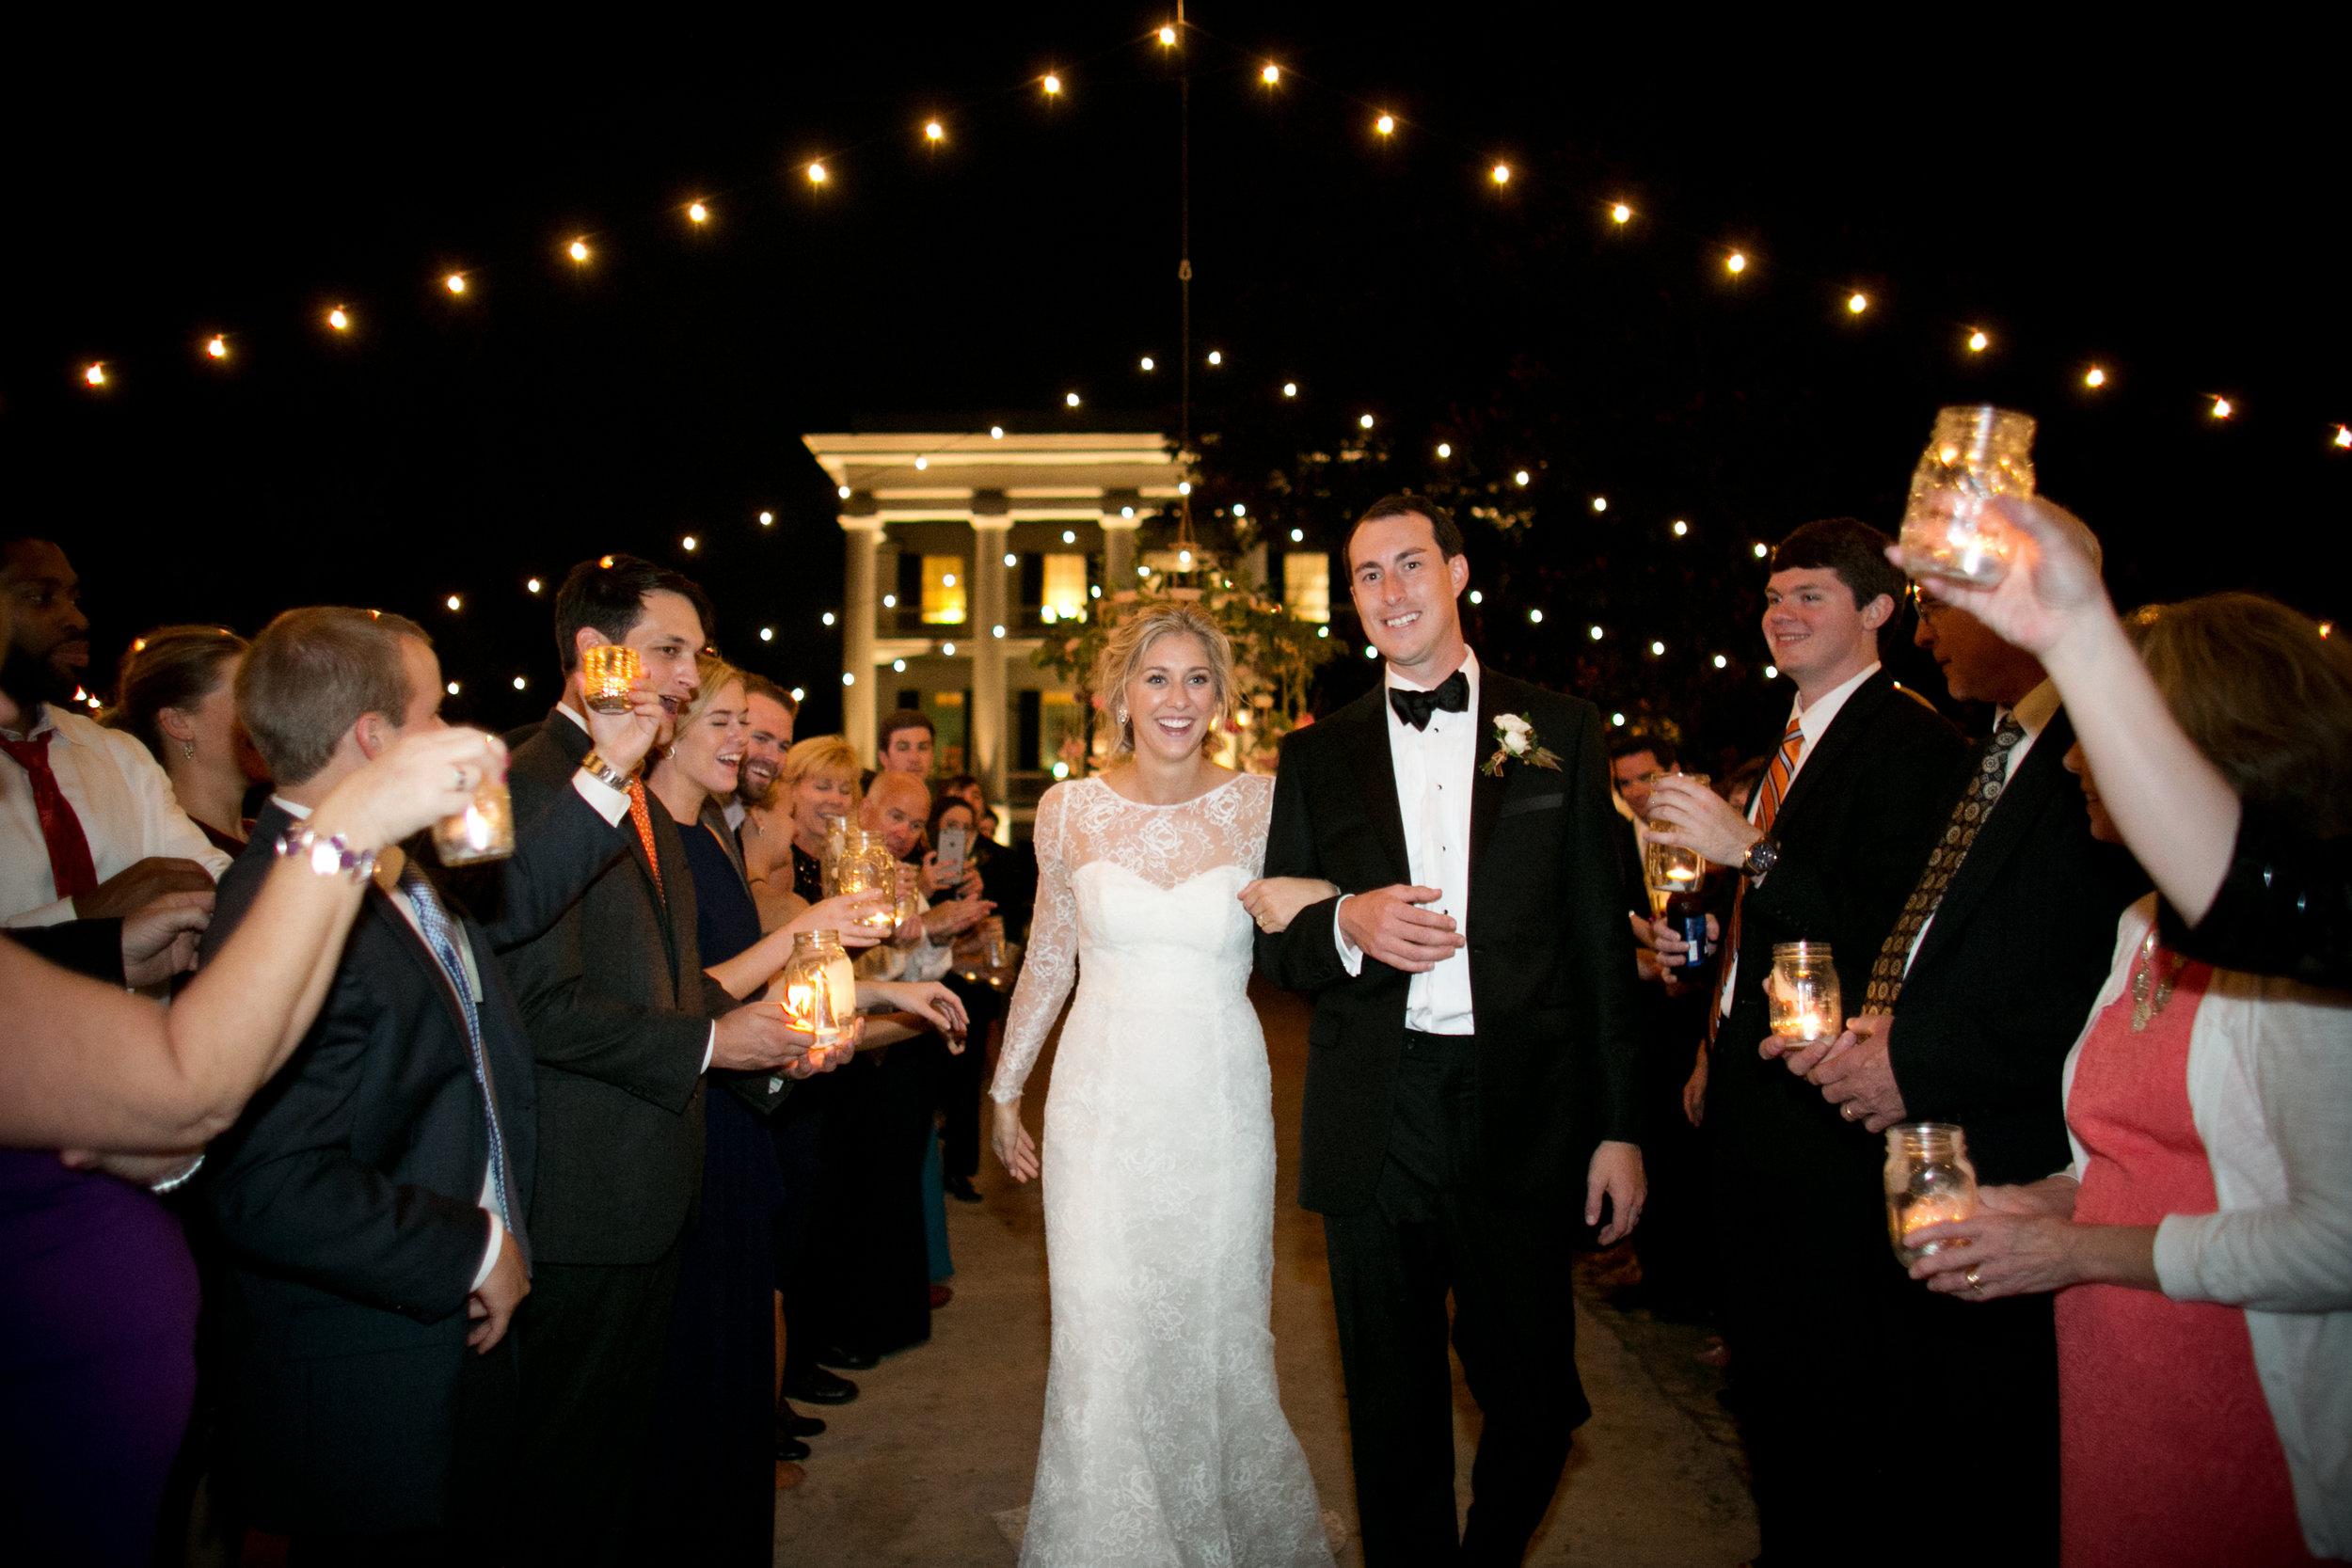 asheville_wedding_photographer089.jpg